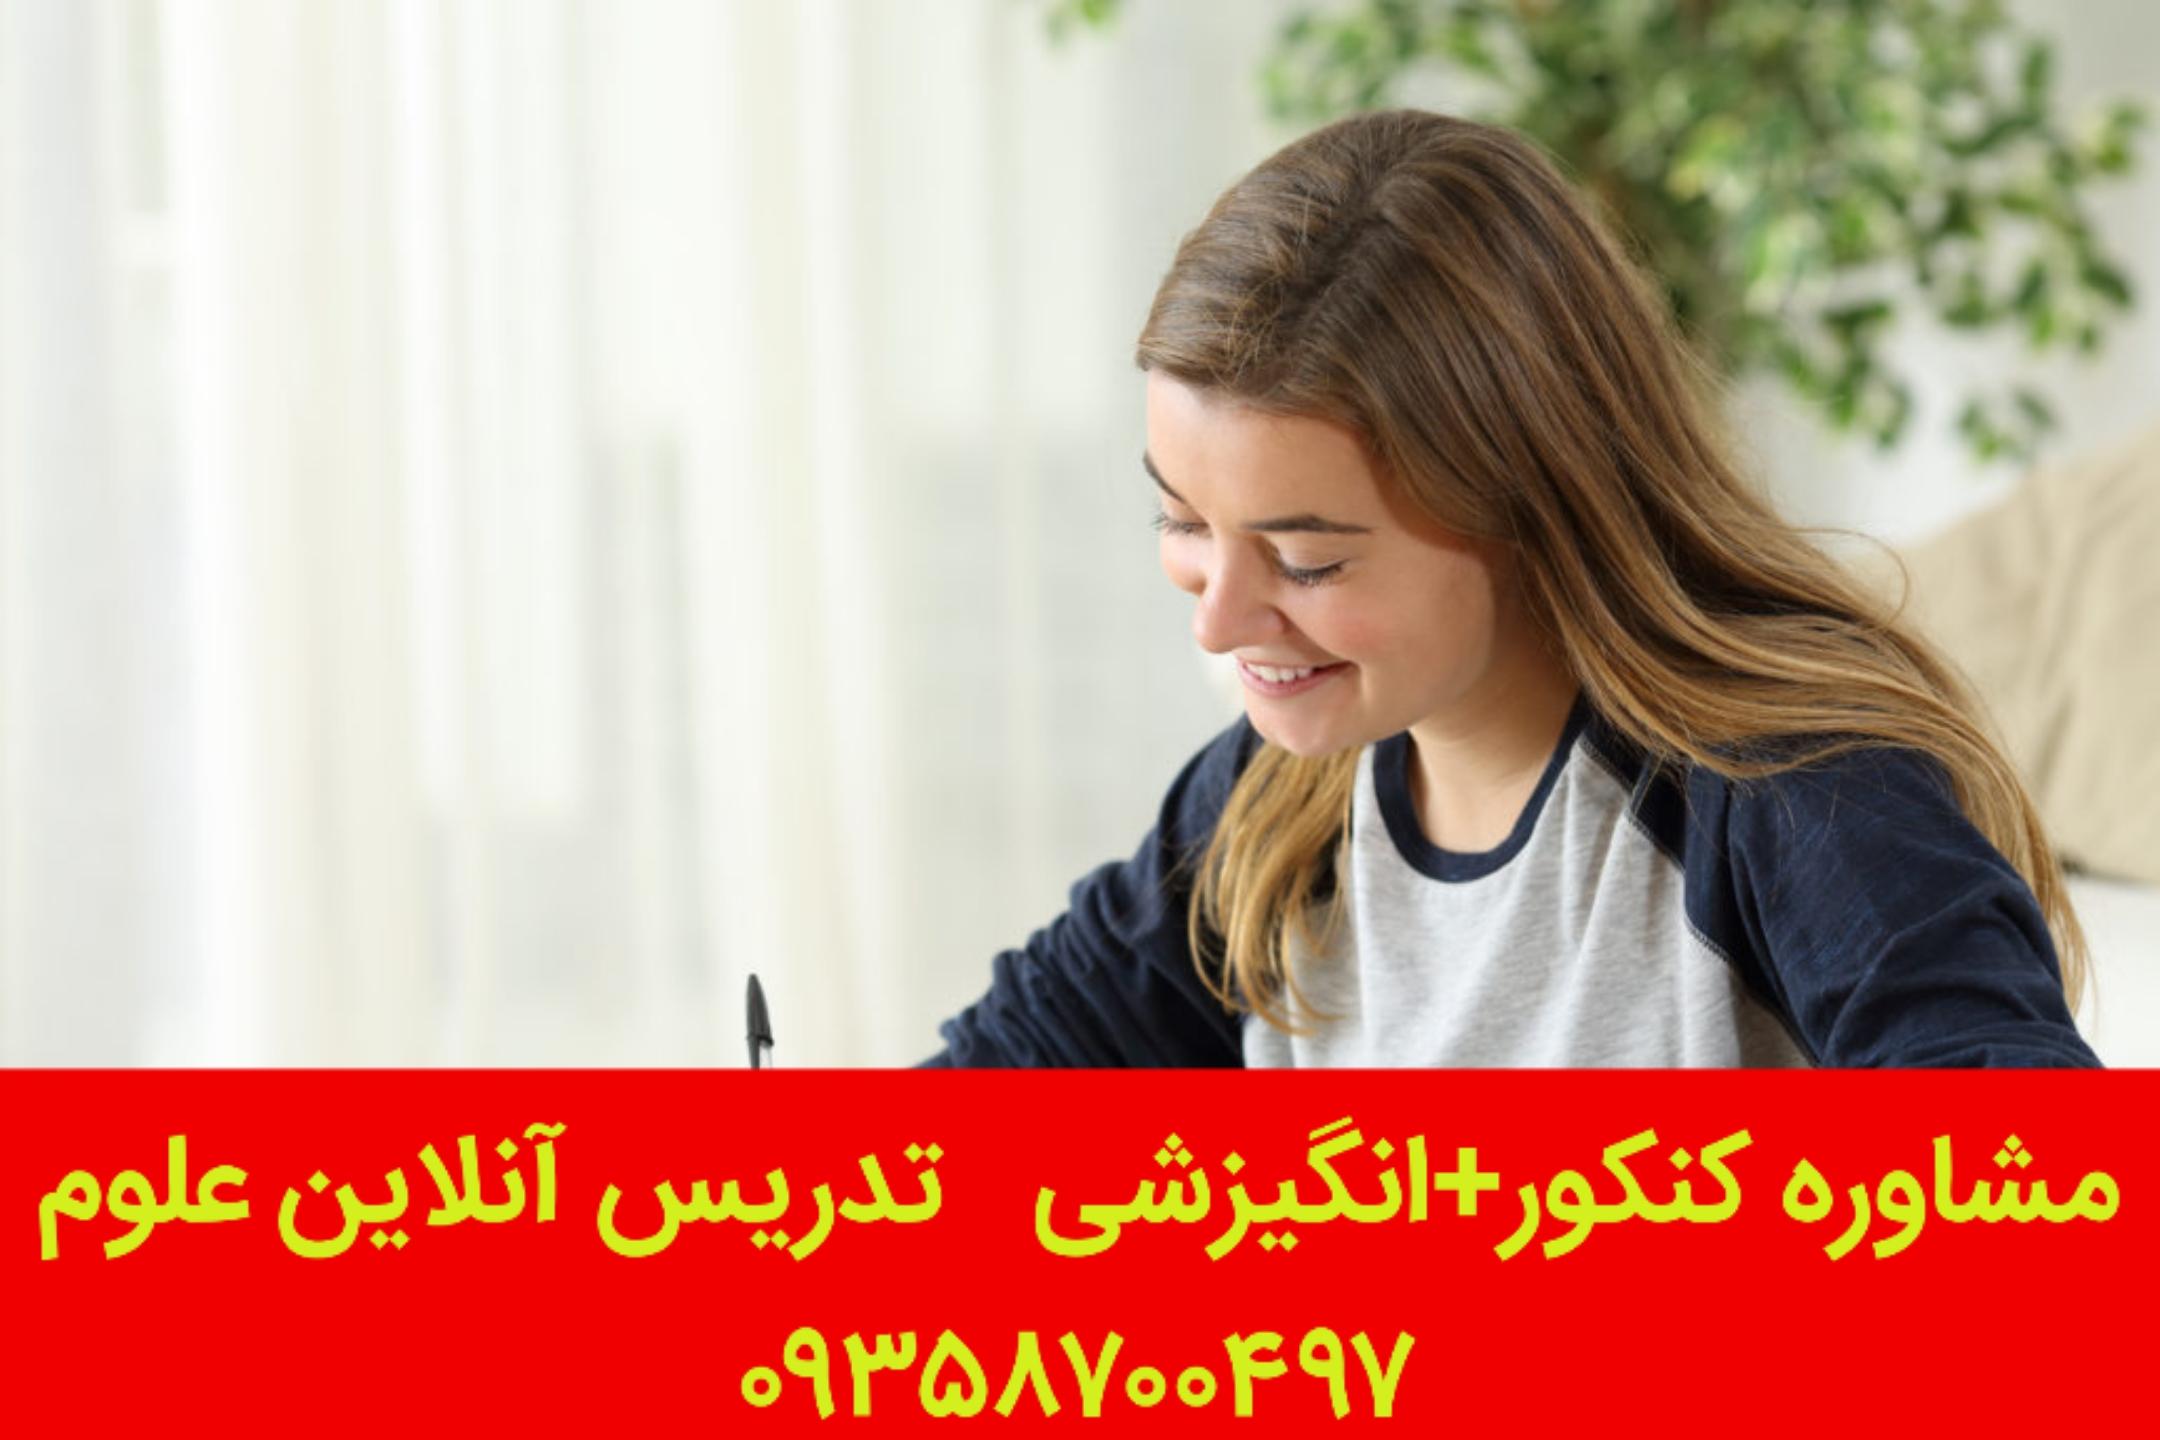 اهمیت درس علوم در آزمون ها_vahidimeni.ir